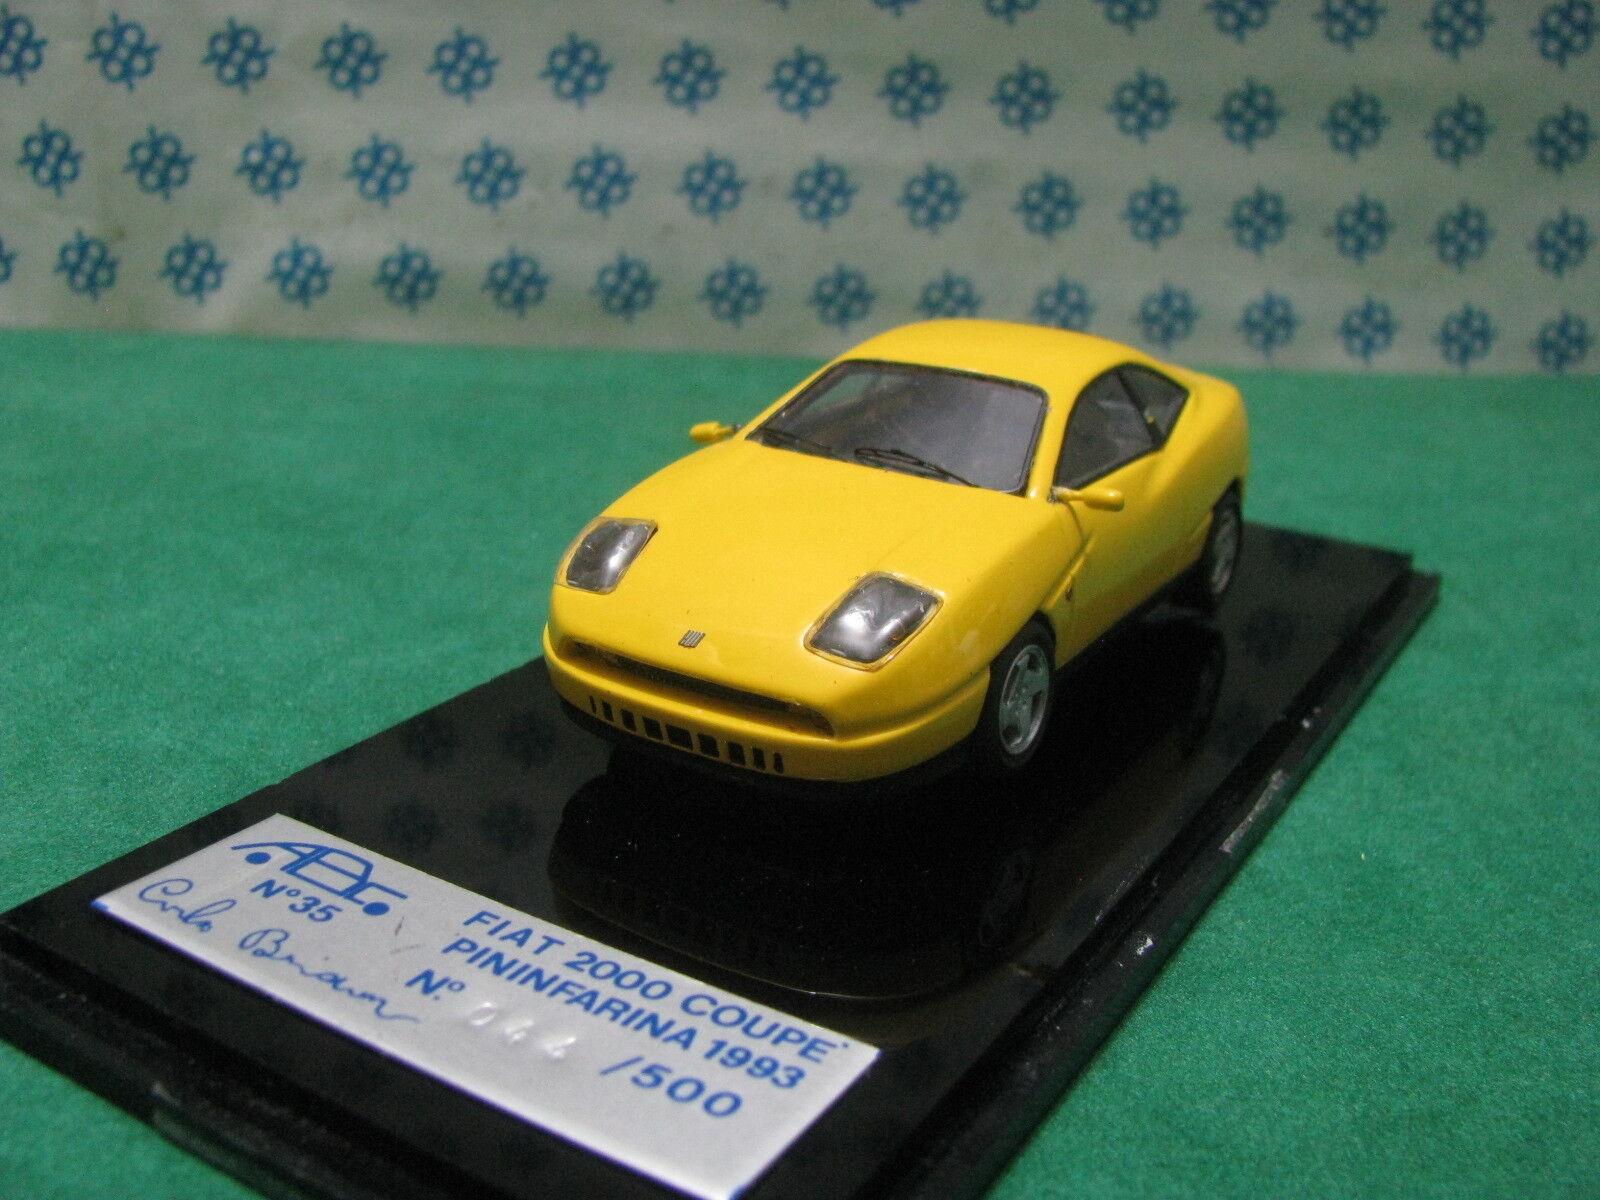 Vintage FIAT  2000 Coupè Pinin farina 1993 1/43 ABC Brianza n°35   Outlet Online Store    Mode Attrayant    Nouveau Produit